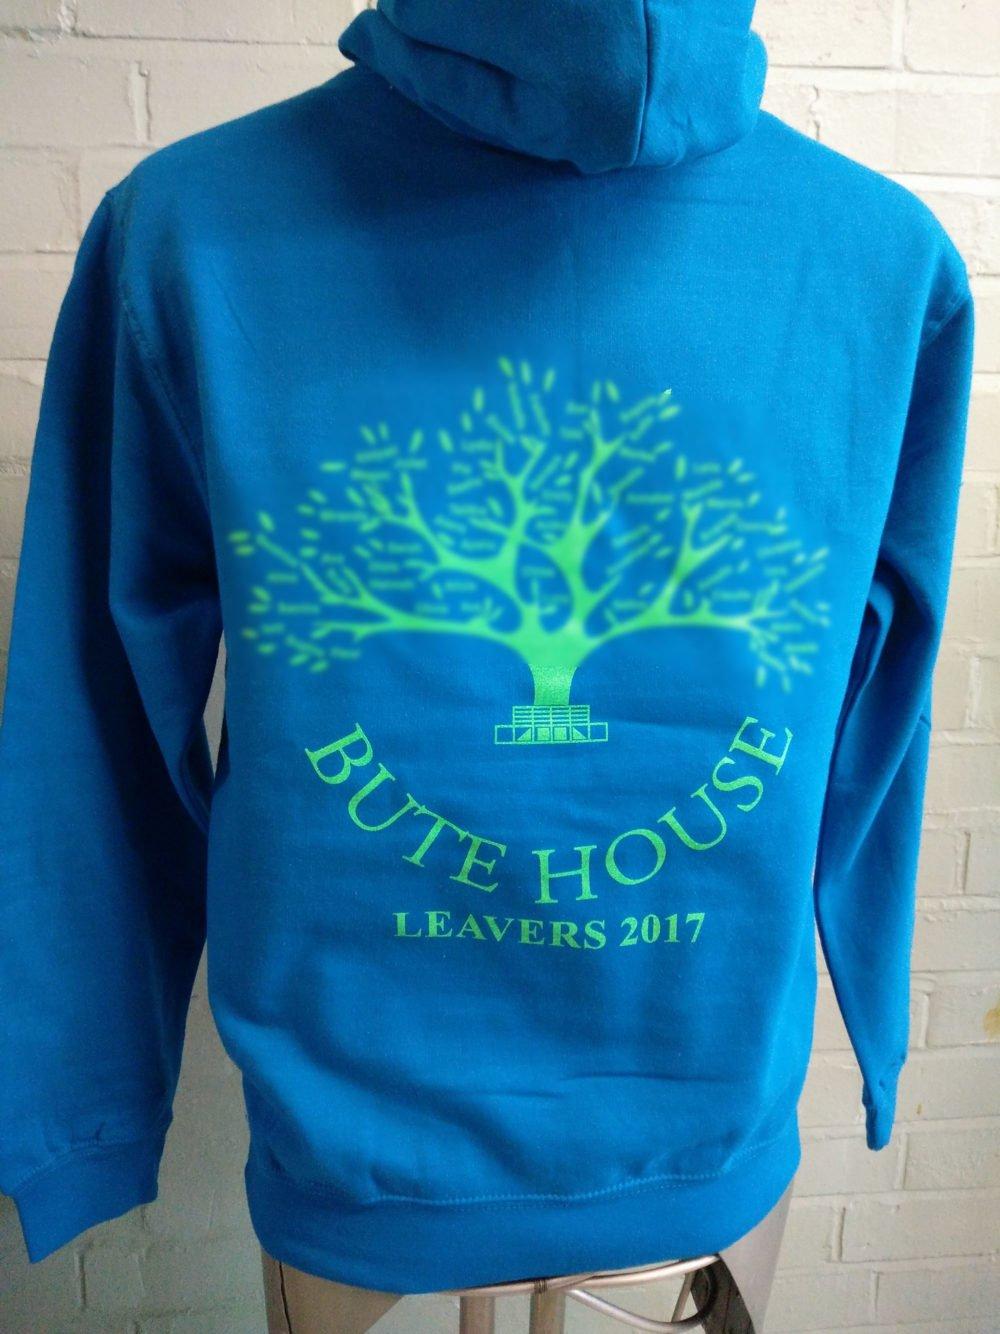 Bute House Leavers Hoodies 2017